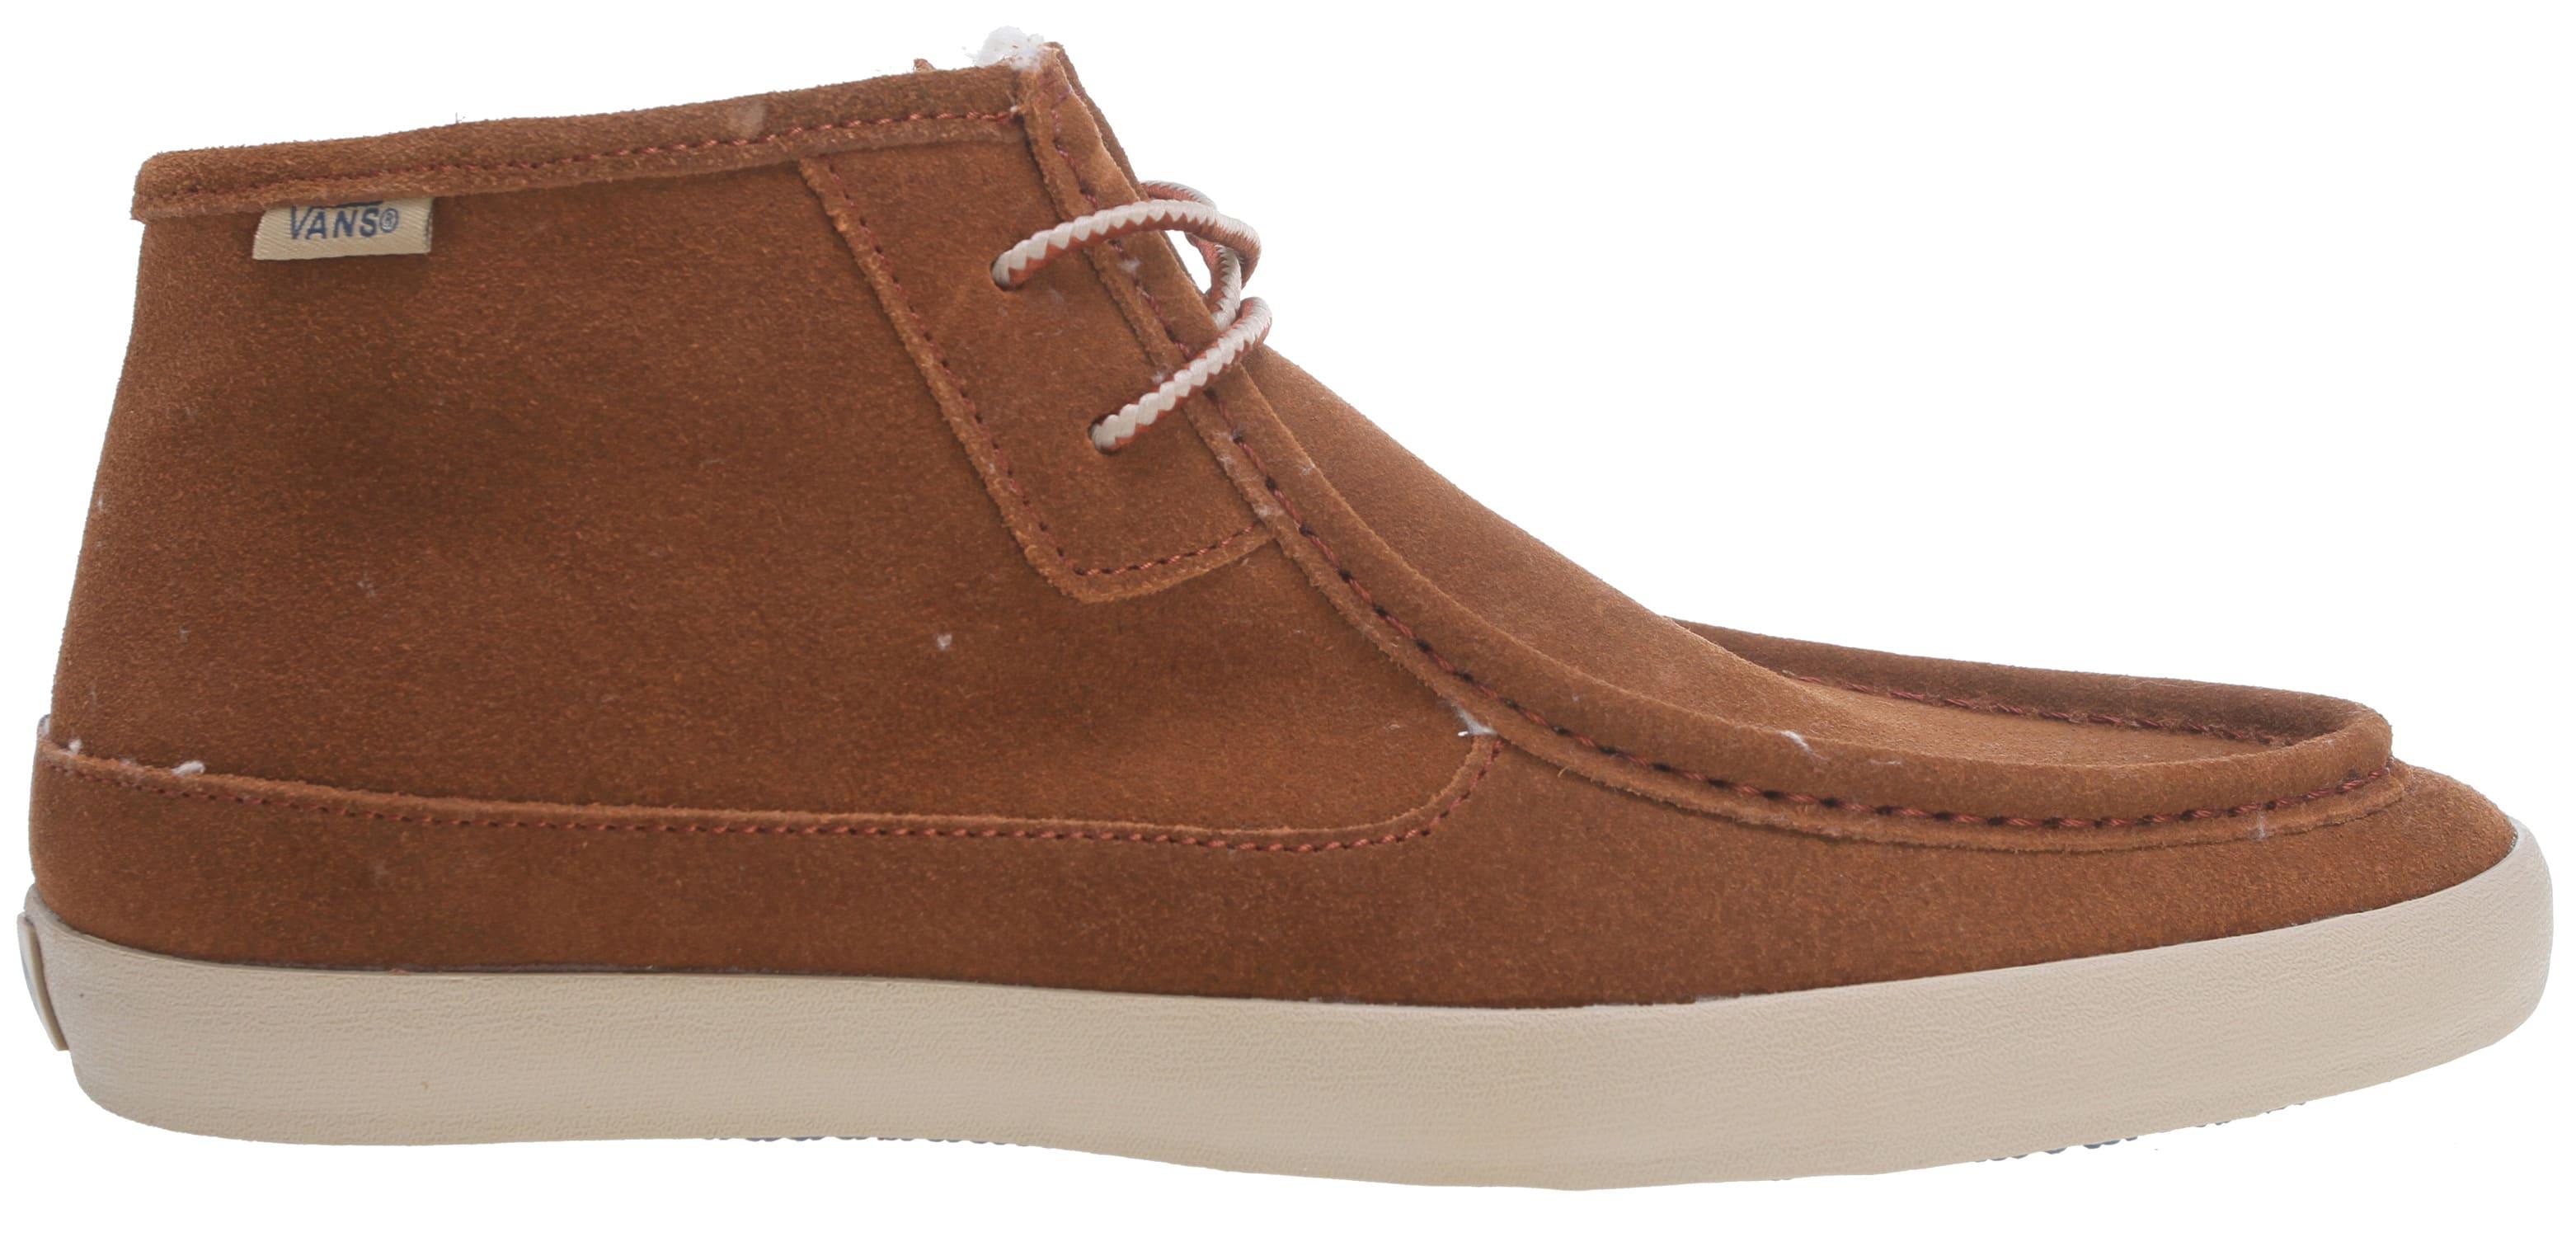 cbe623e6b0 Vans Rata Mid Shoes